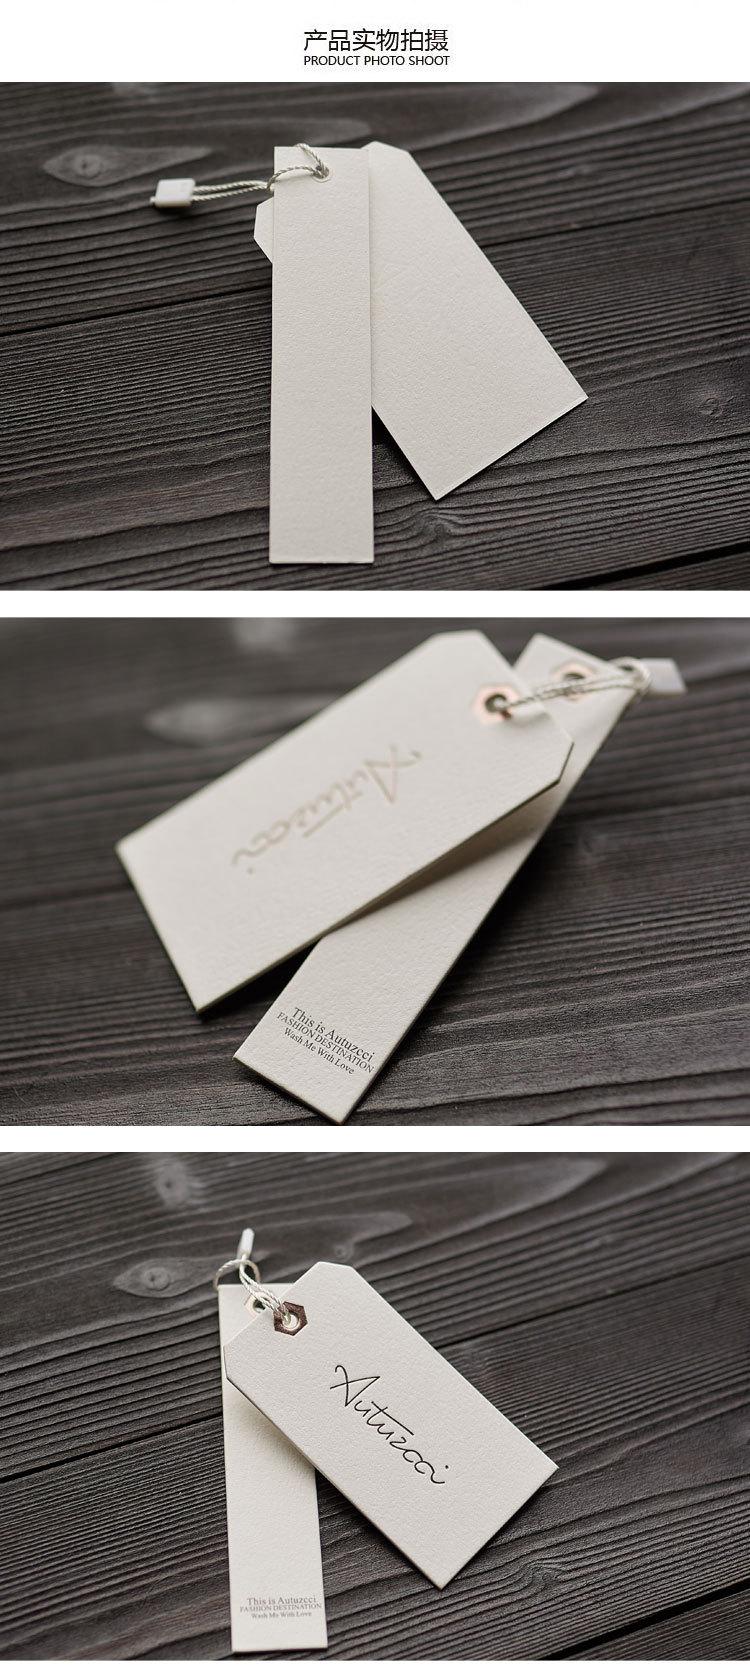 服装标签,服装吊牌,定制服装标签,服装吊牌制作,服装标签印刷厂家